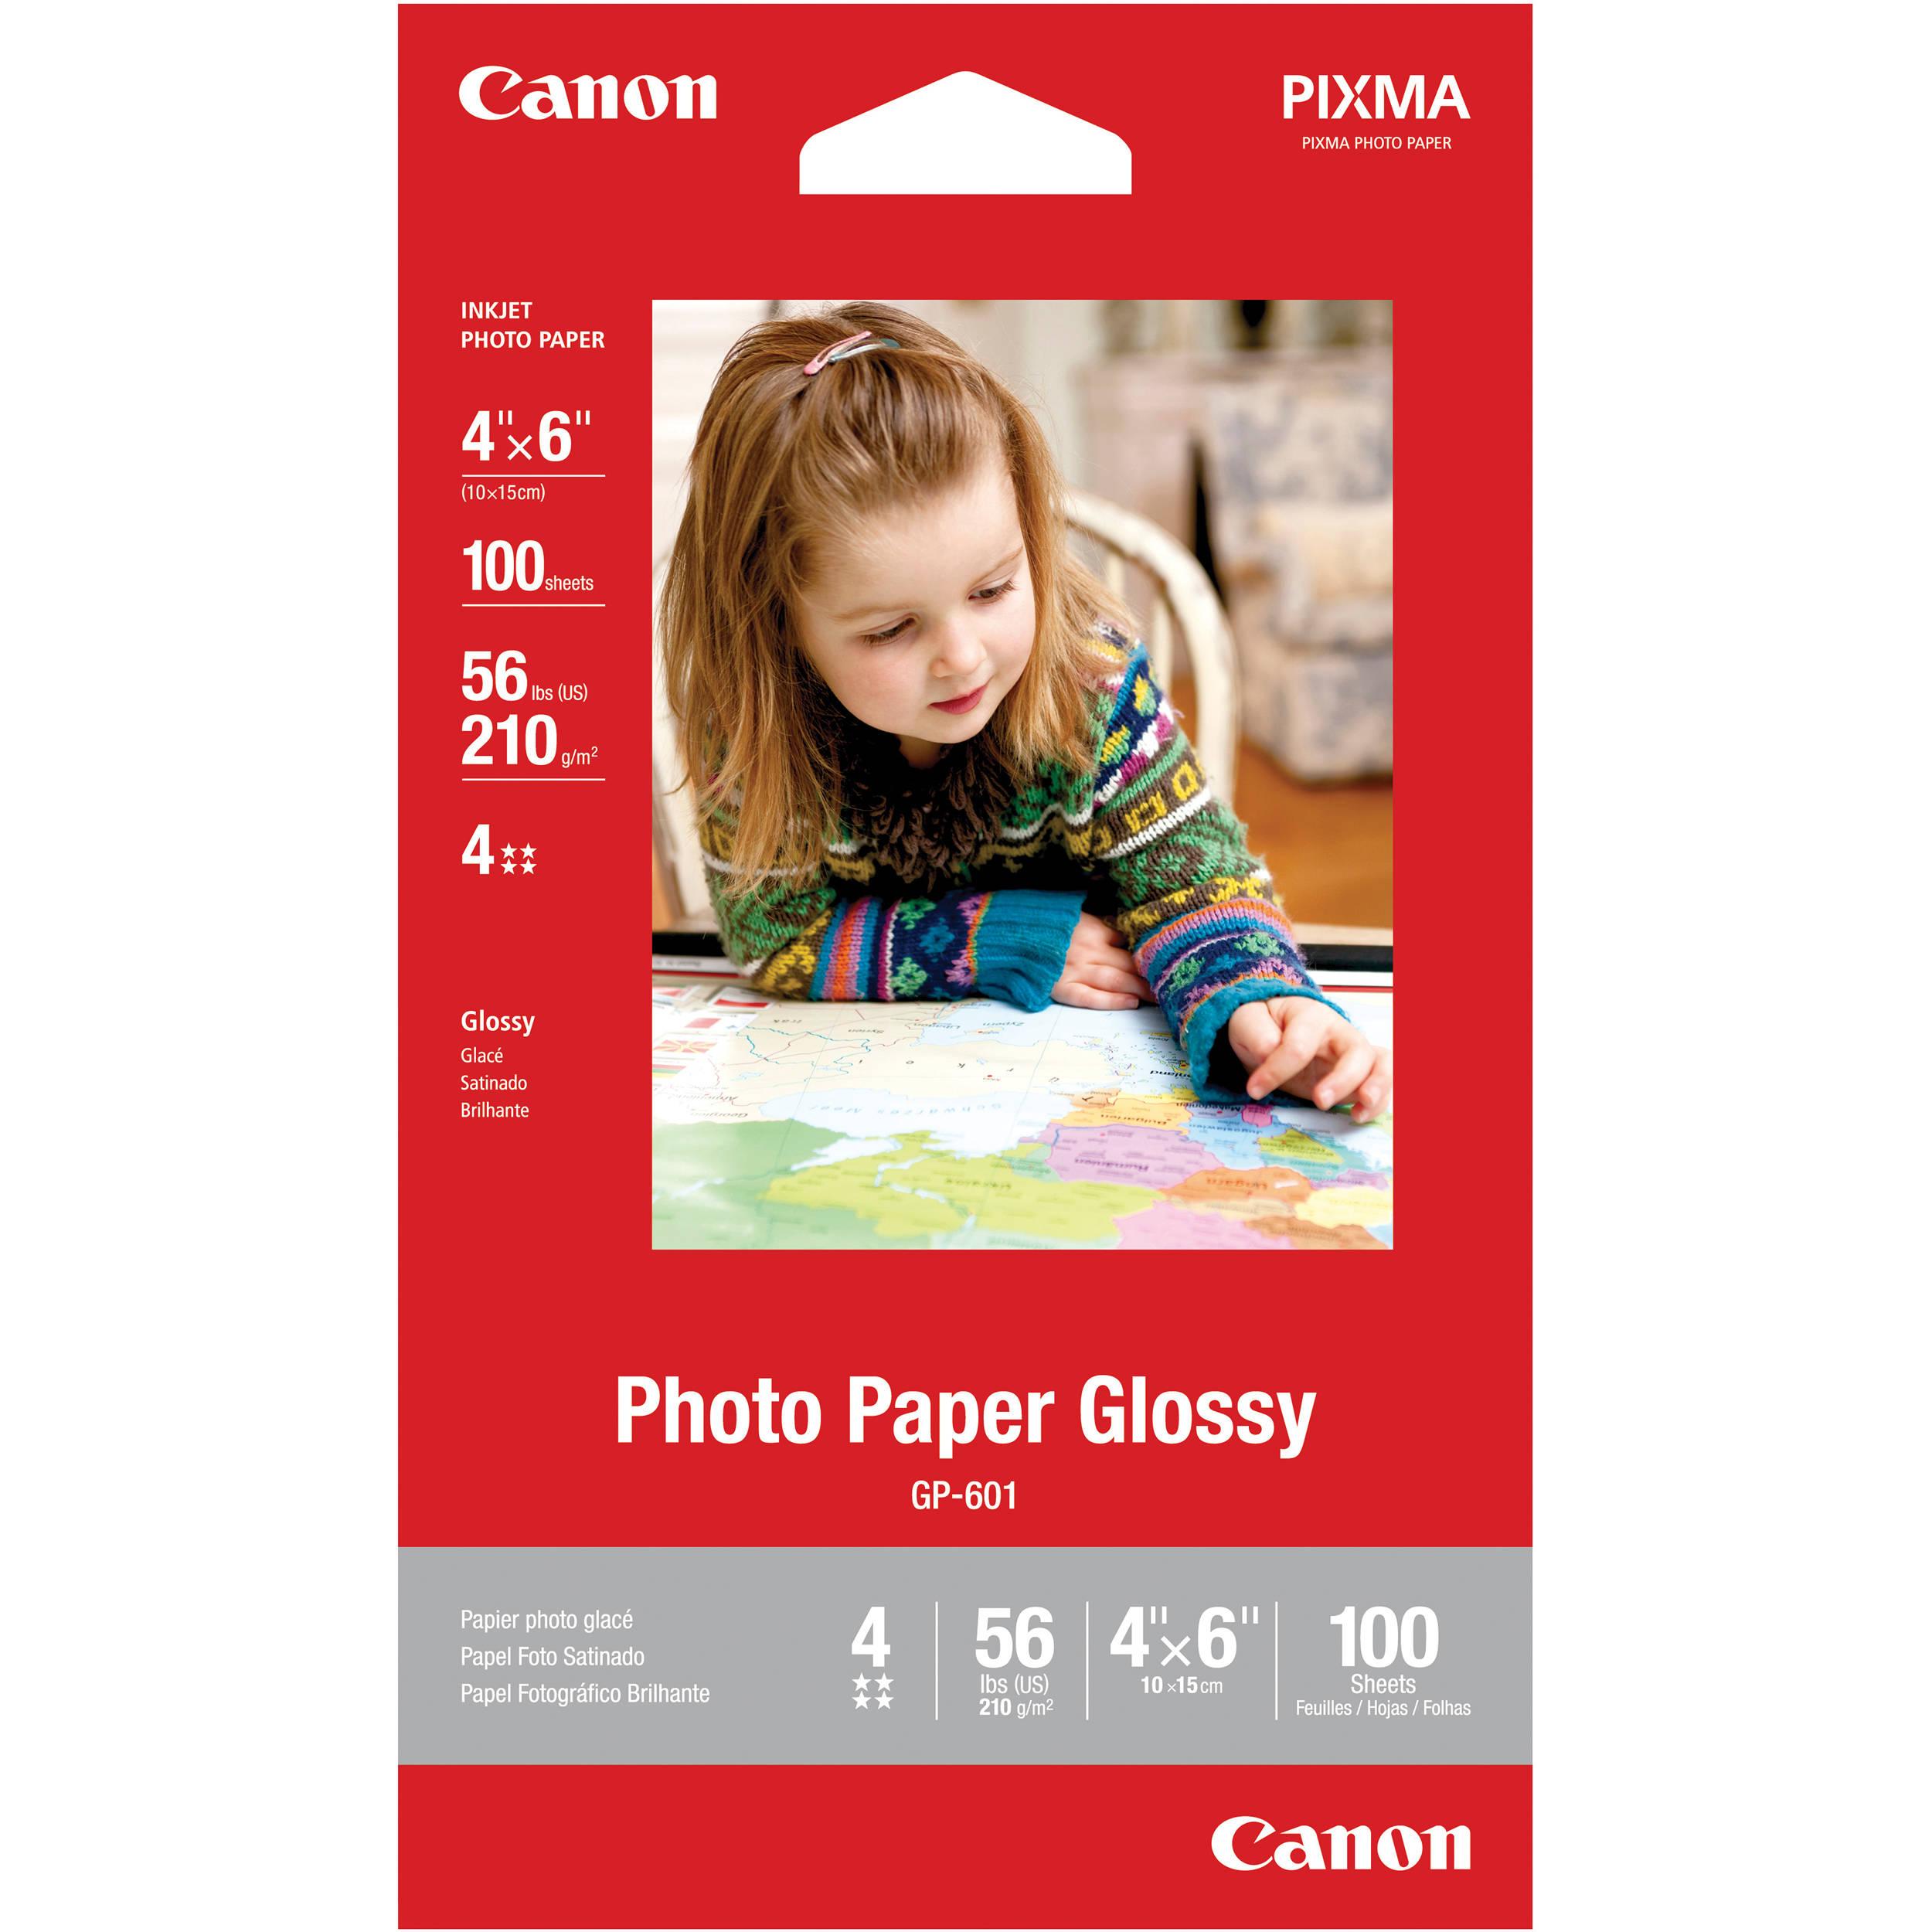 Compare Canon Photo Paper Plus Glossy Ii 4 X 6 Vs Canon Photo Paper